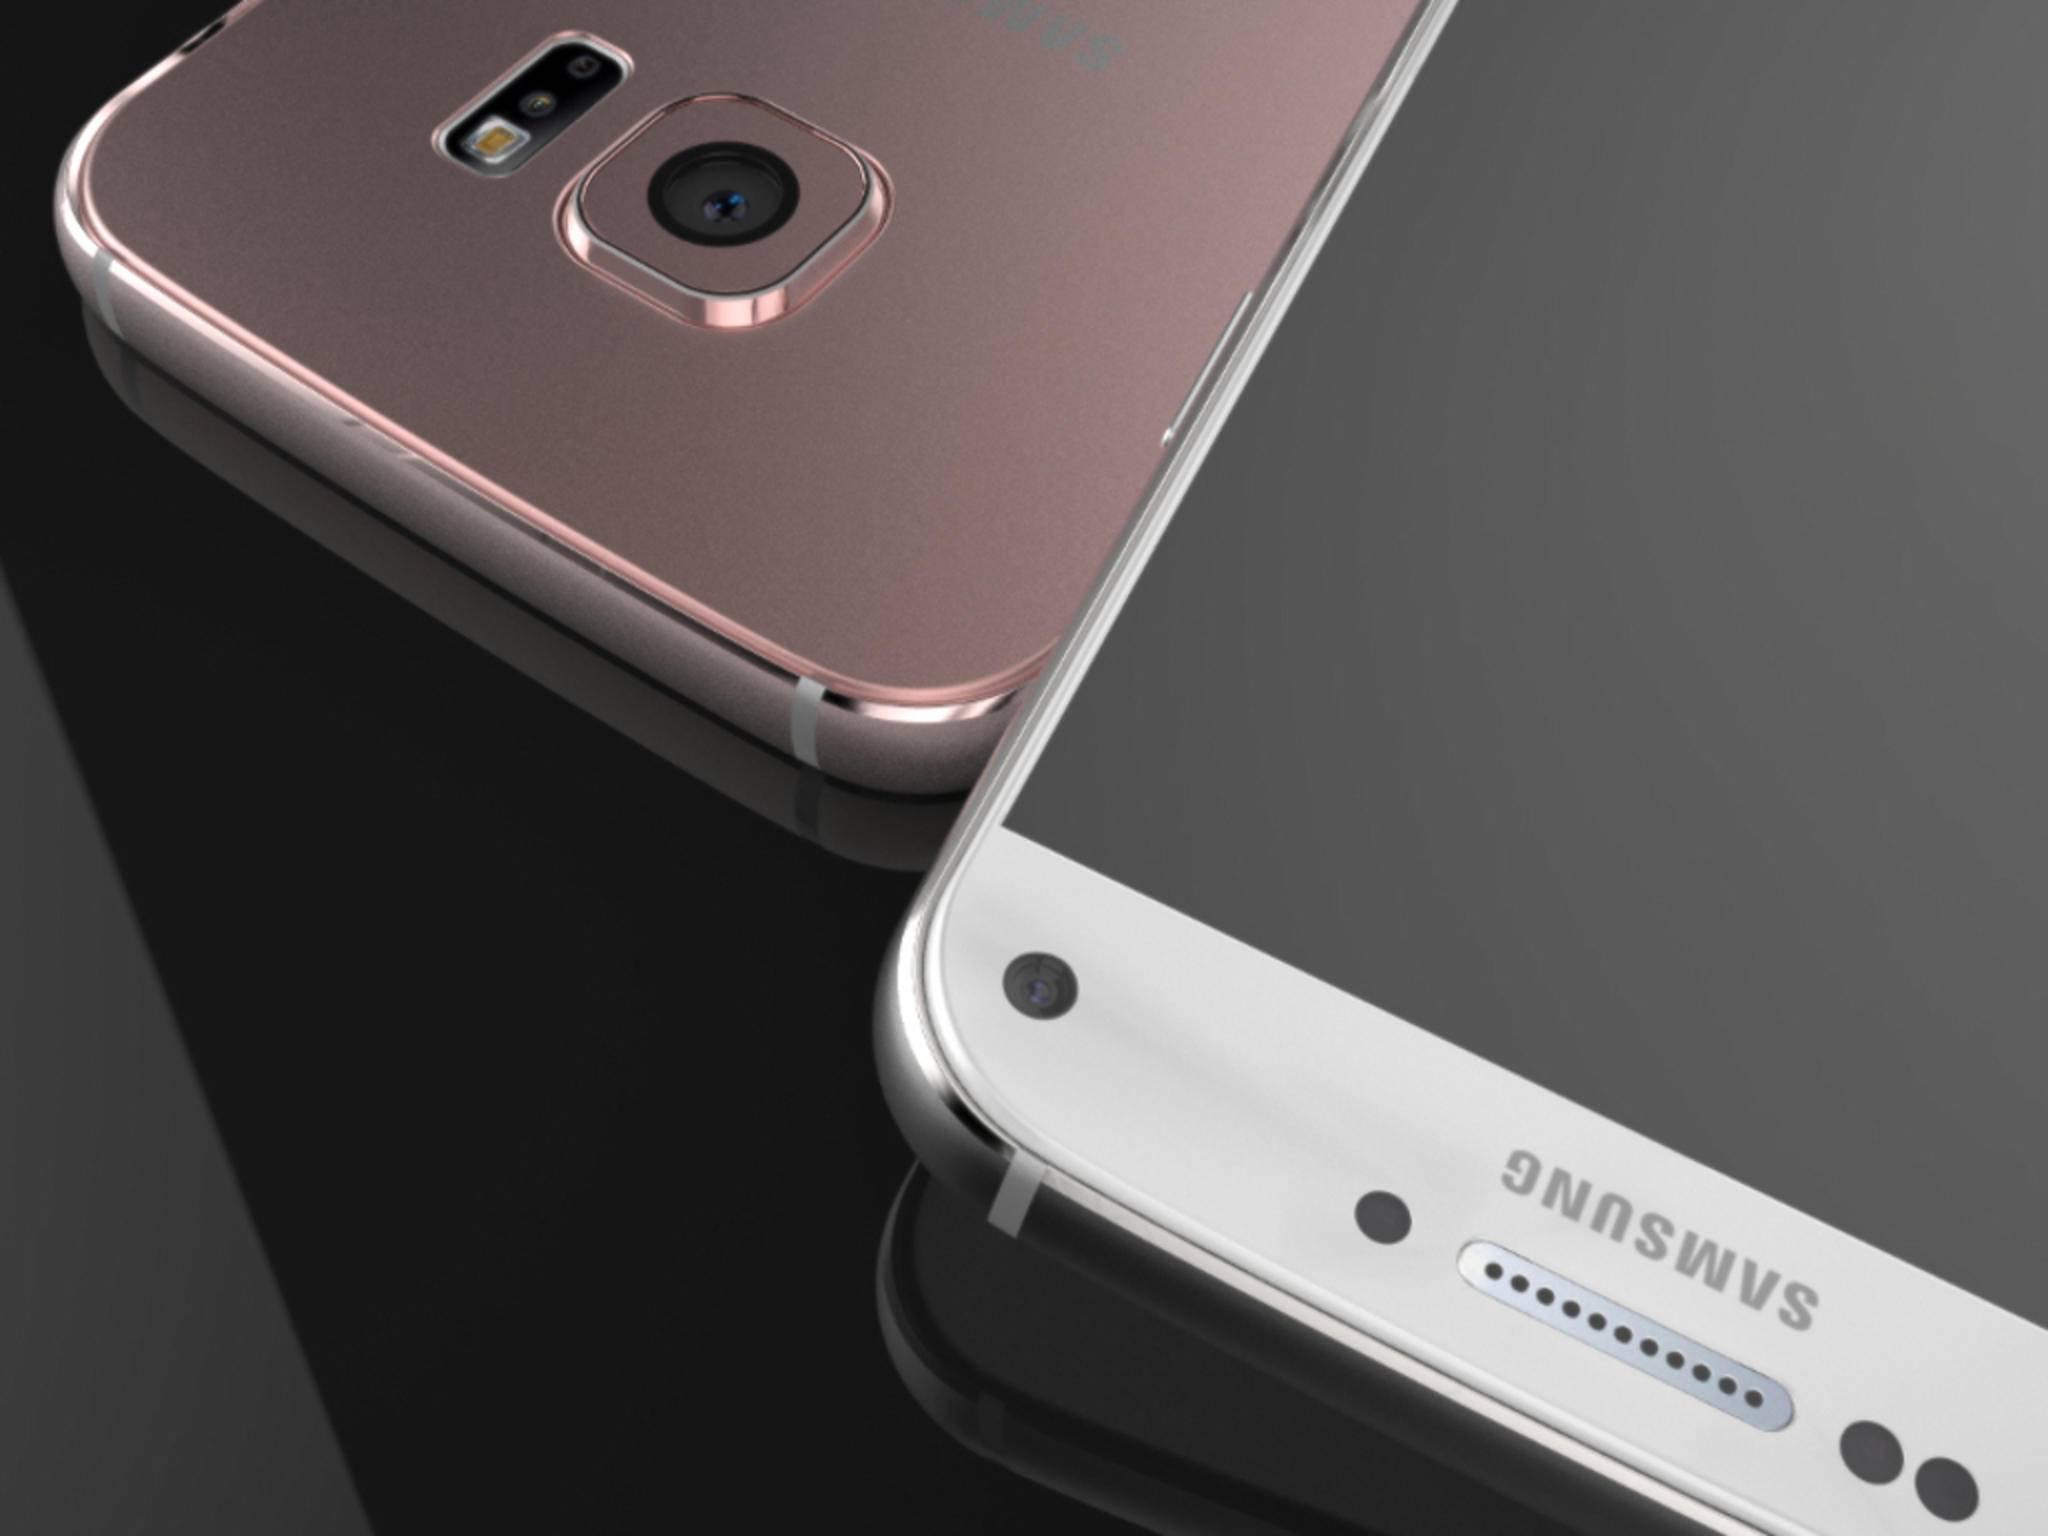 Offenbar können die Galaxy S7-Modelle direkt am 21. Februar vorbestellt werden.